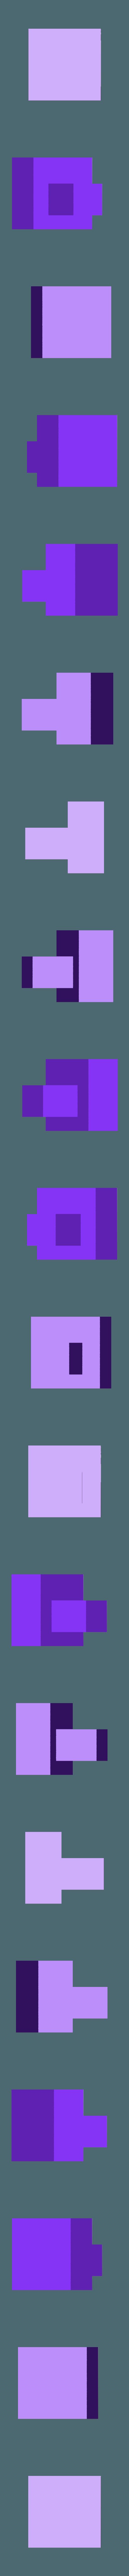 """Odyssey-Yellow_back.stl Télécharger fichier STL gratuit 8 bits style """"Odyssée"""" - Parties séparées (pas besoin de colle) • Plan imprimable en 3D, conceptify"""